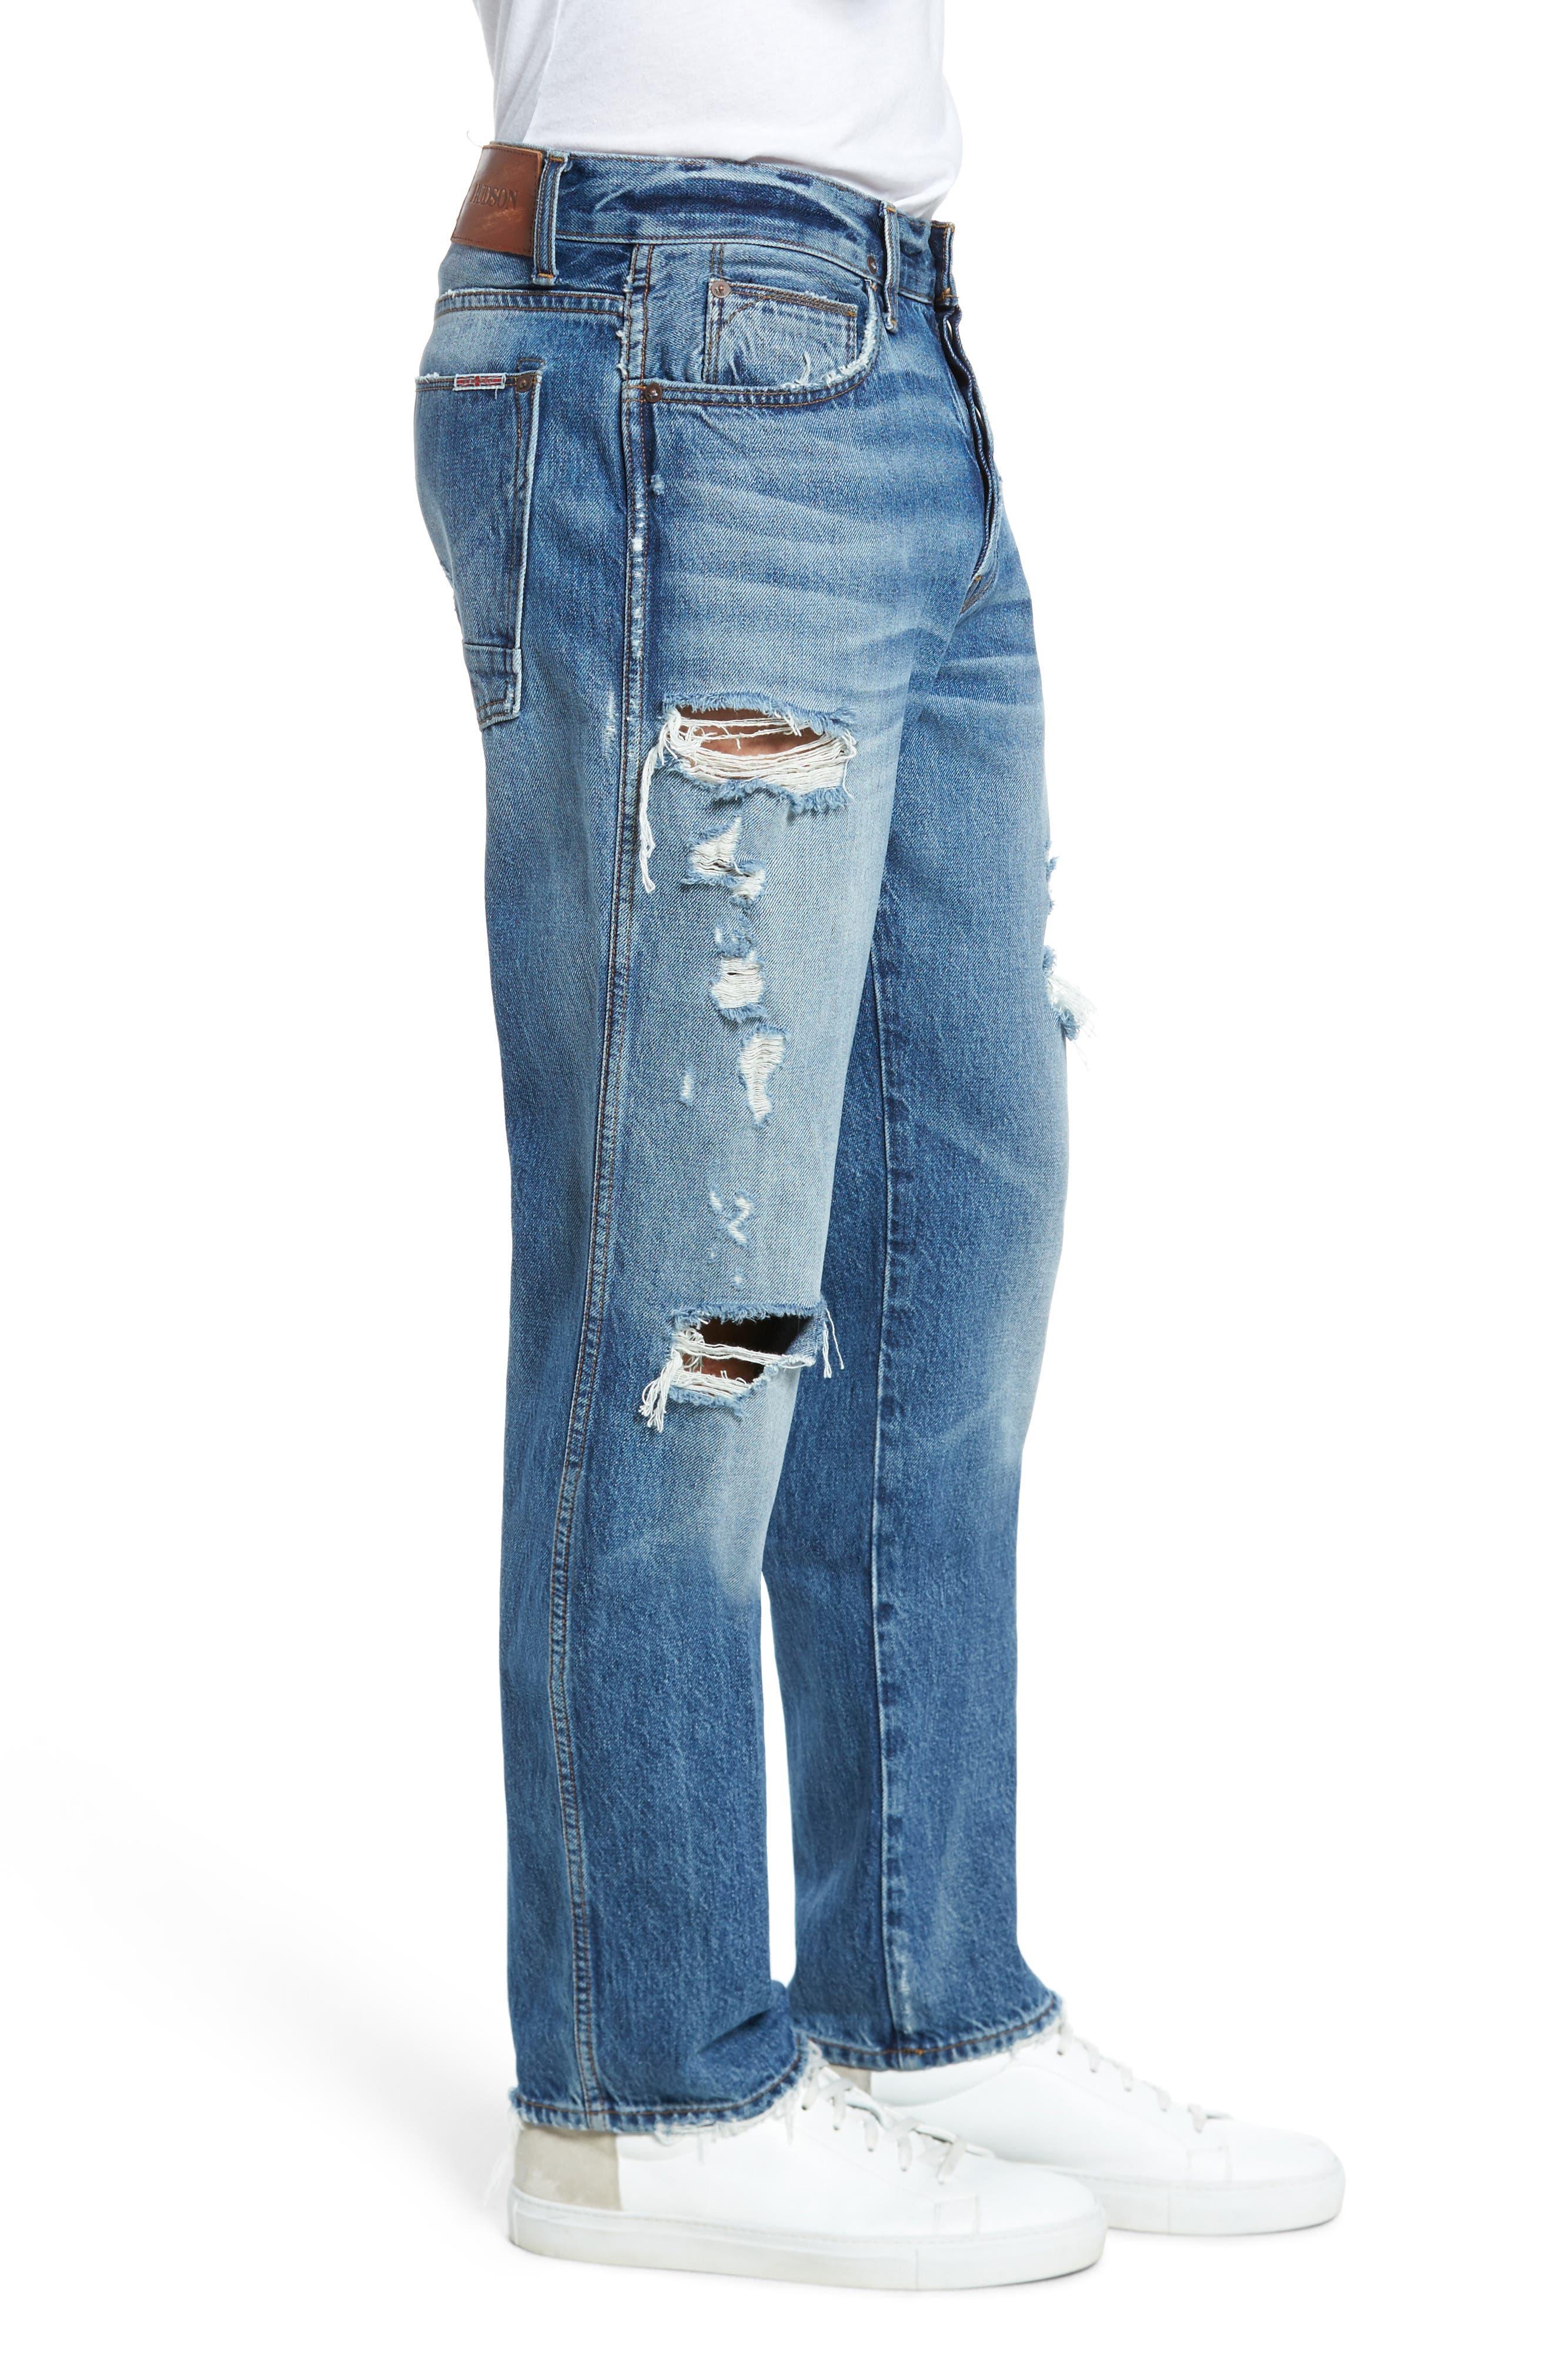 Dixon Straight Fit Jeans,                             Alternate thumbnail 3, color,                             450